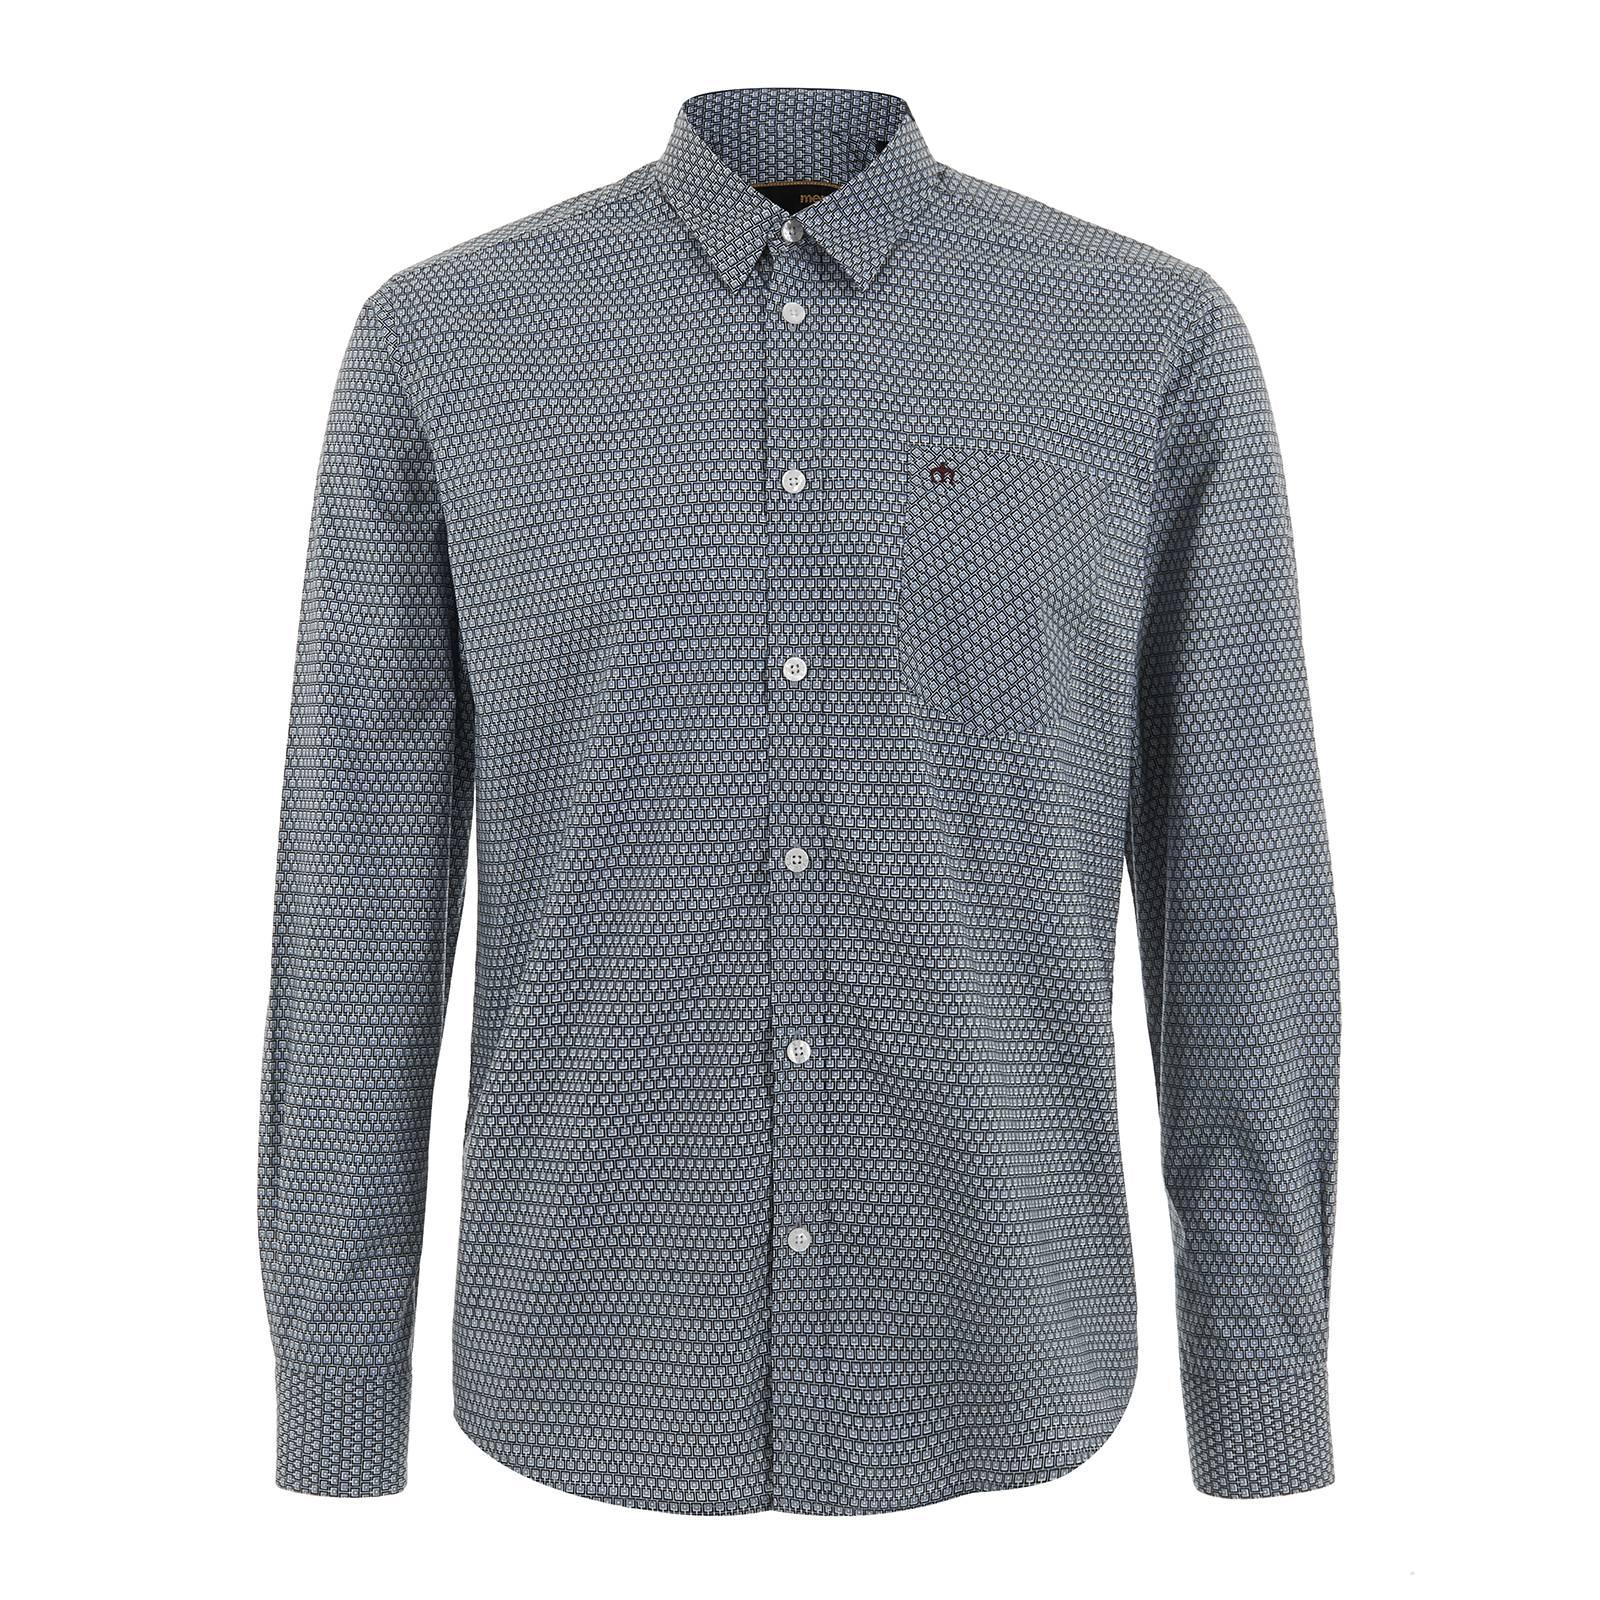 Рубашка DonahueРубашки<br>Приталенная мужская рубашка, пошитая из классической рубашечной ткани поплин с мелким геометрическим принтом в ретро стиле. Внутренний край фигурных манжет отделан контрастной полоской темно-синей ткани, проглядывающей сквозь скошенный угол манжеты в застегнутом виде. Этот декоративный элемент гармонирует с аналогичного цвета тоненькой вставкой на линии перегиба стойки воротника.  Классический воротник Кент хорошо подходит под тонкий галстук с небольшим узлом, а удлиненная спинка позволит комфортно заправлять эту рубашку в брюки или джинсы.  Её можно носить как с классическими брюками, костюмом, формальной обувью и строгим тренчем, так и с модным трикотажем, тертым денимом и кожанкой.  Брендирована фирменным логотипом Корона, вышитым на нагрудном кармане слева.<br><br>Артикул: 1515202<br>Материал: 100% хлопок<br>Цвет: ниагара<br>Пол: Мужской